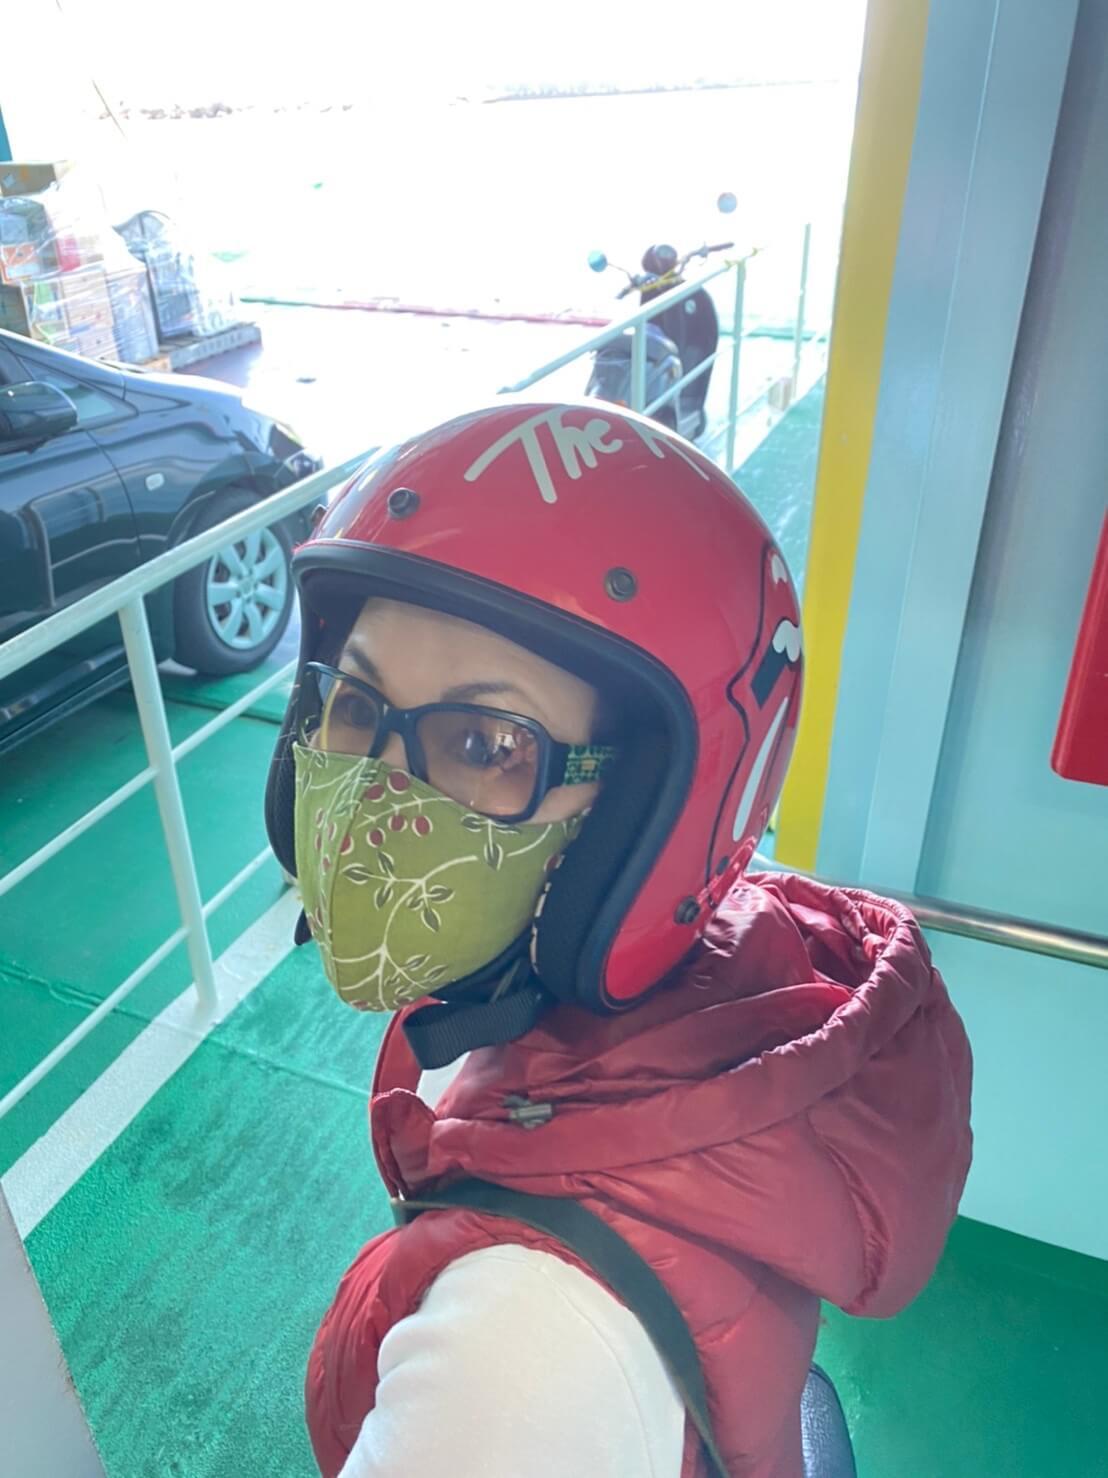 伊江島弾丸バイクの旅‼️~絶好の行楽日和の中(沖縄11月だが28度もあり暑い🥵)~